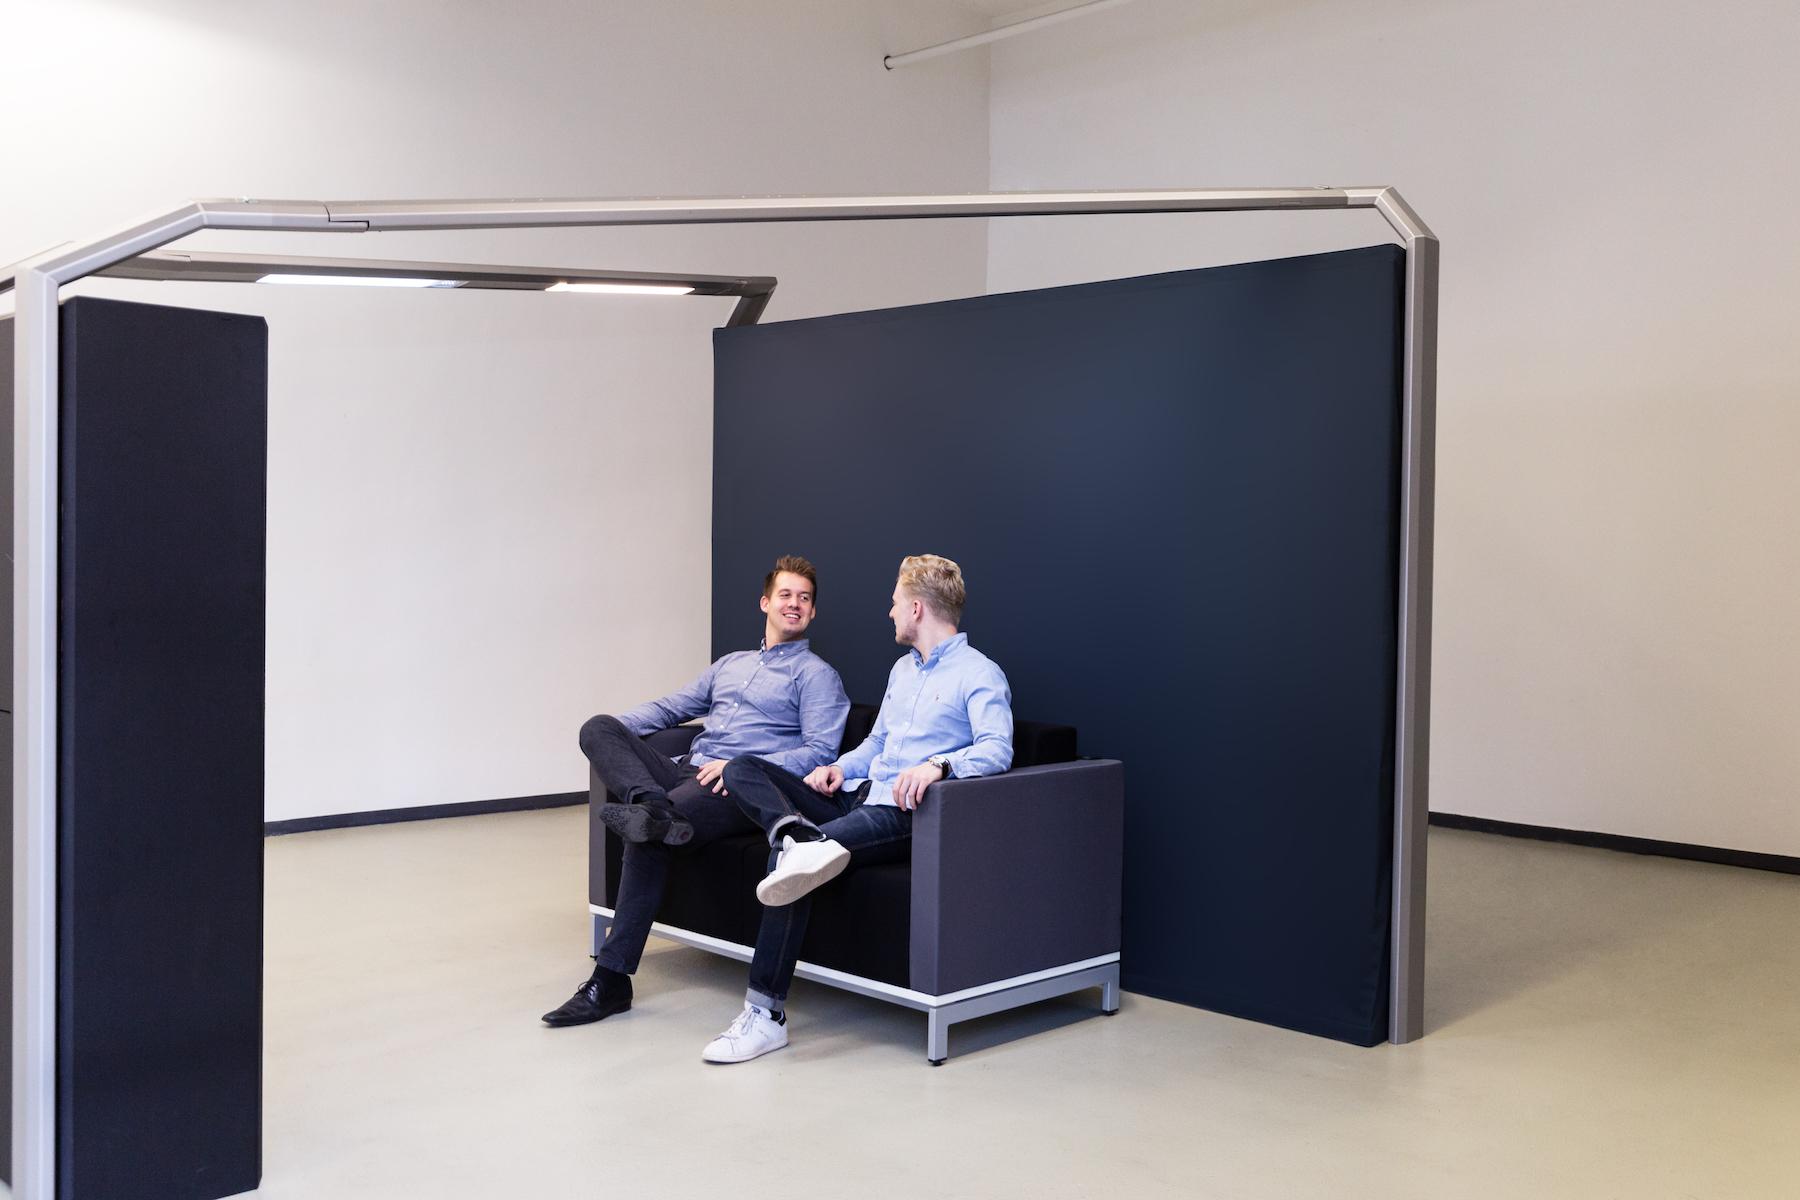 IMANOX Begins… - Wir haben uns gefragt: Wie erzeugt man automatisiert die coolsten Erinnerungsfotos?